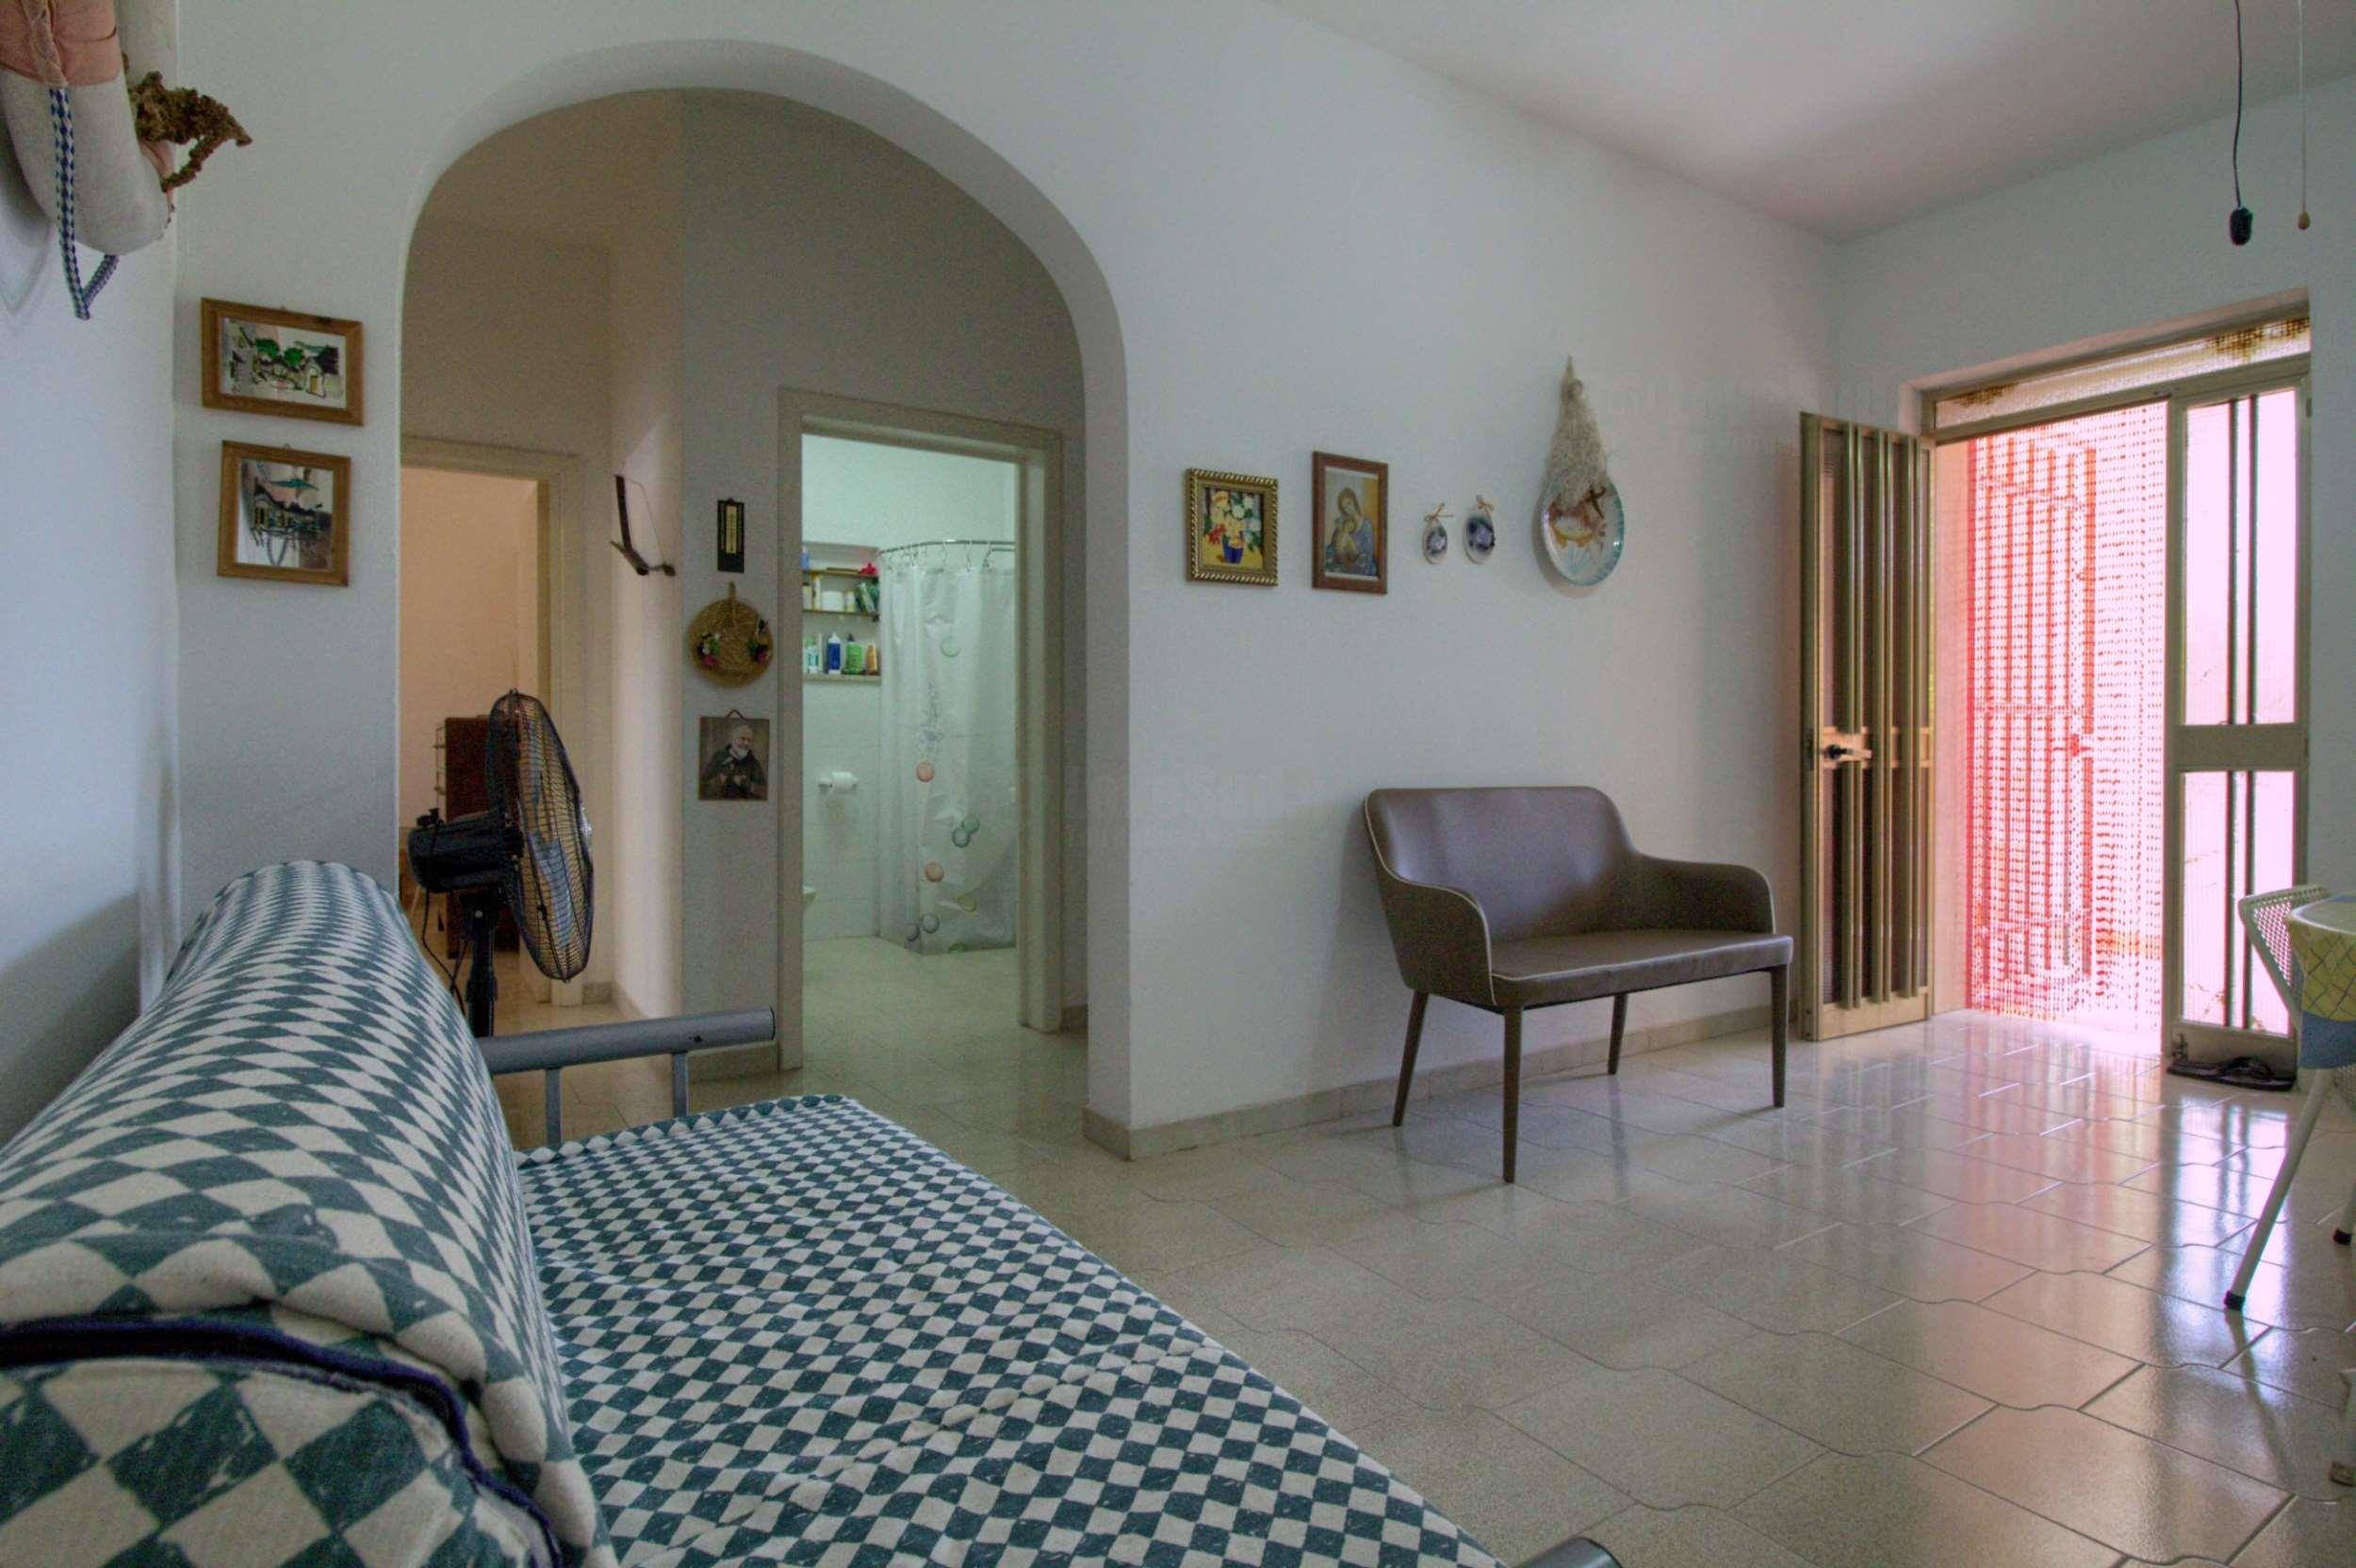 Apartment La Chioggia fronte spiaggia Specchiarica photo 22462814